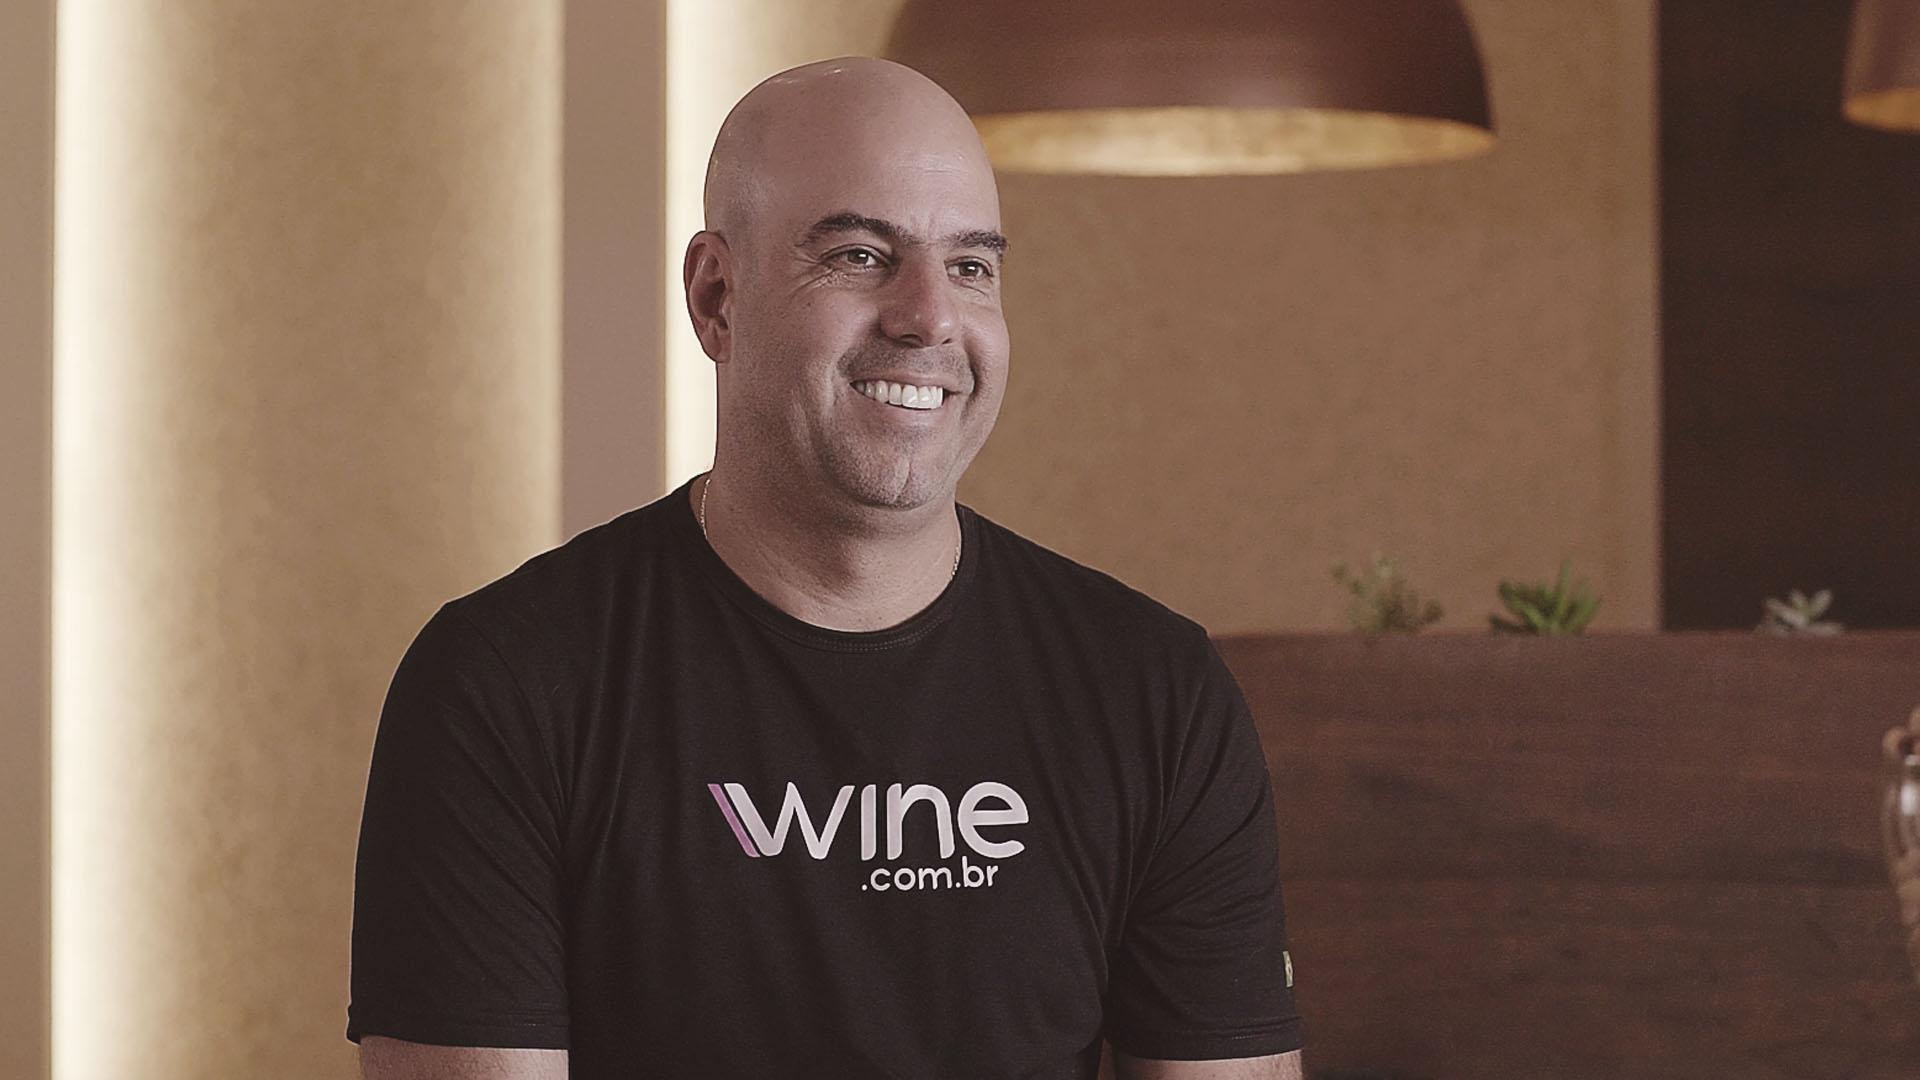 Fundador da Wine, Rogério Salume é o novo Estudo de Caso do meuSucesso.com